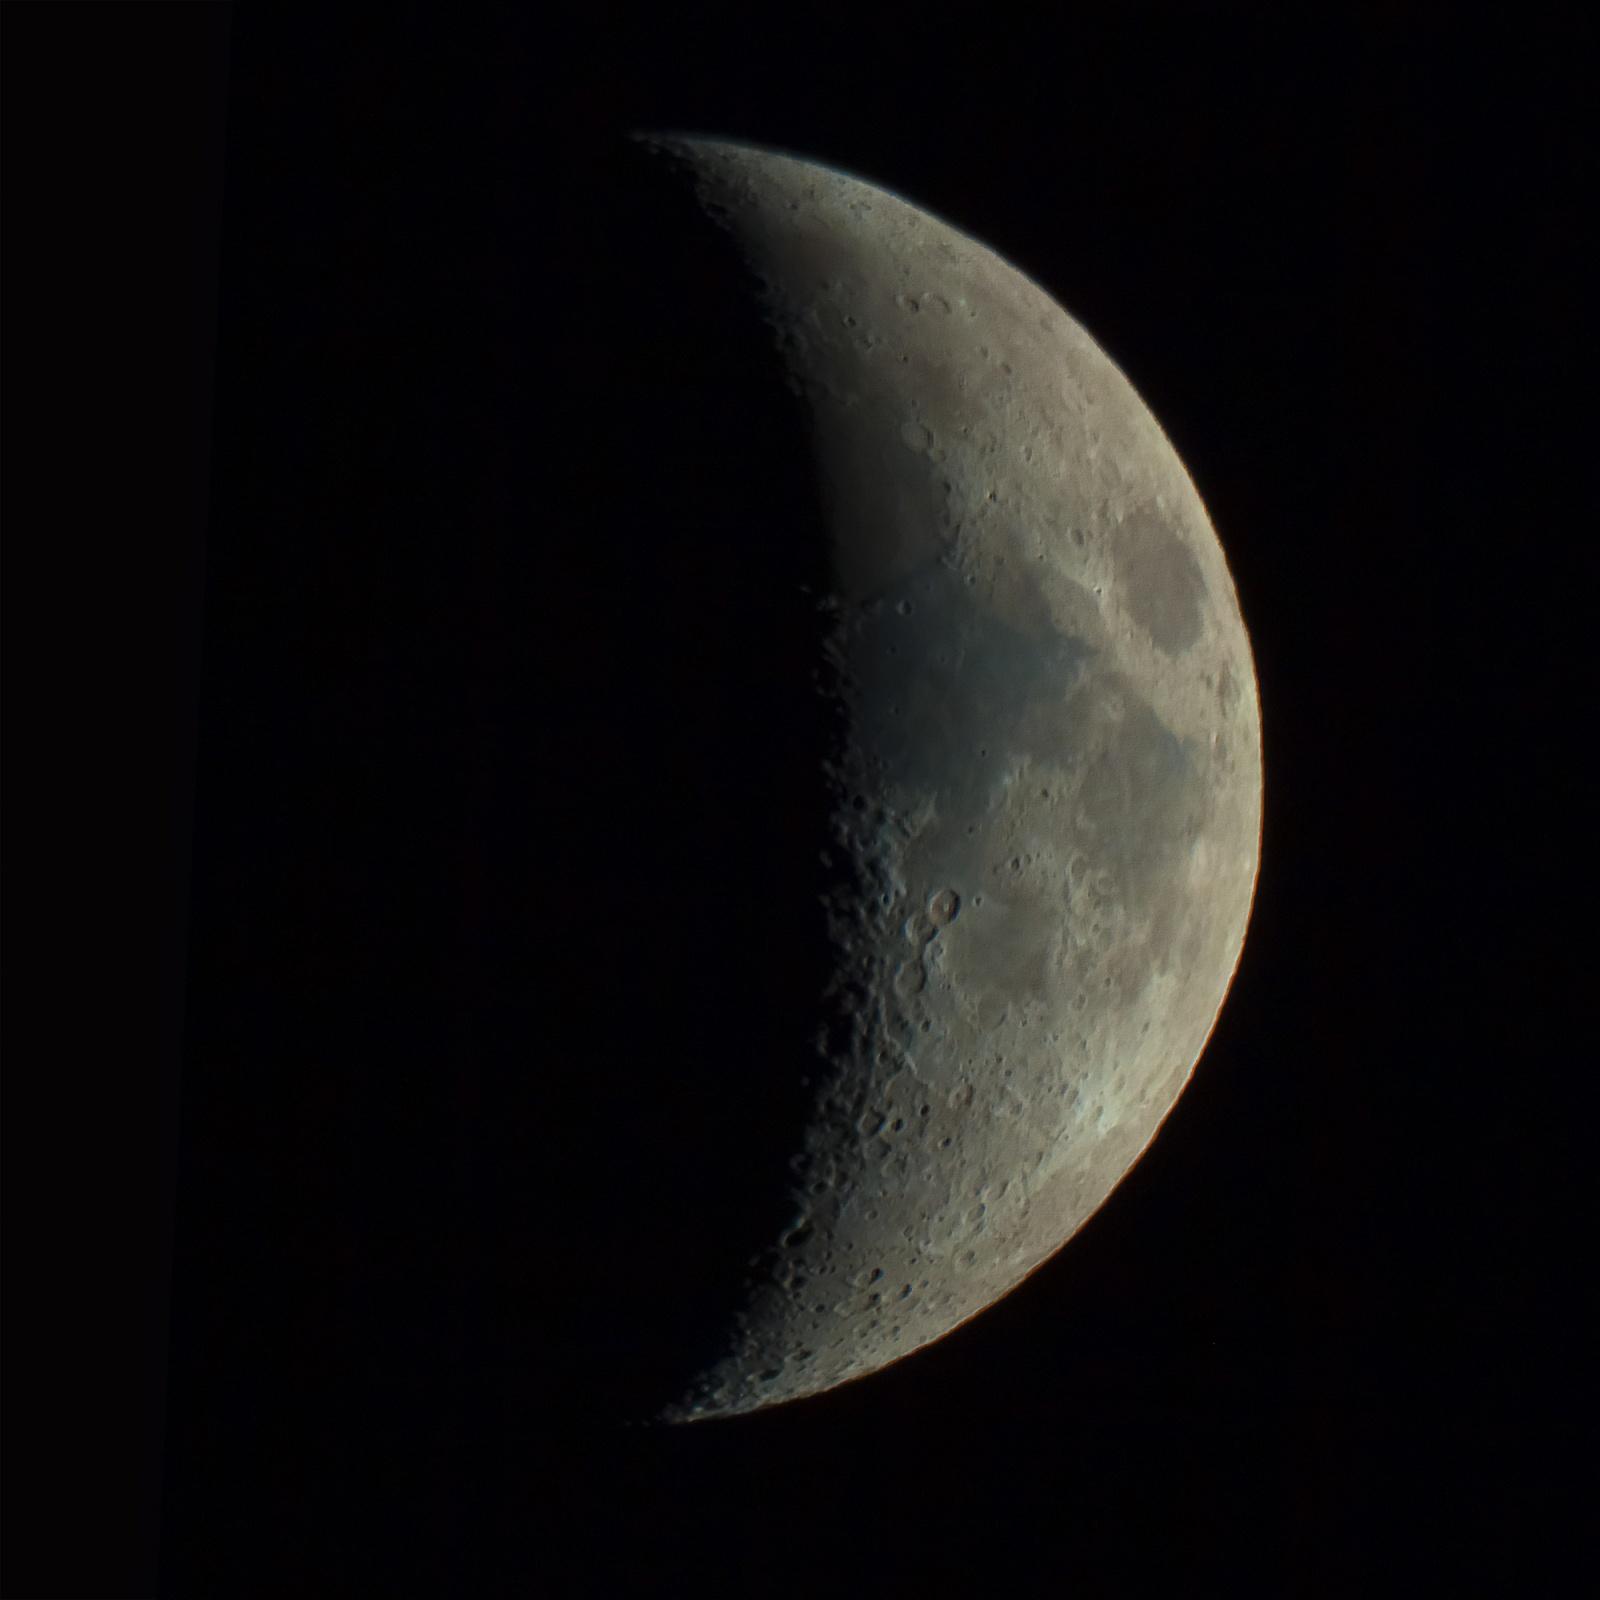 moon-19-03-2021-2.jpg